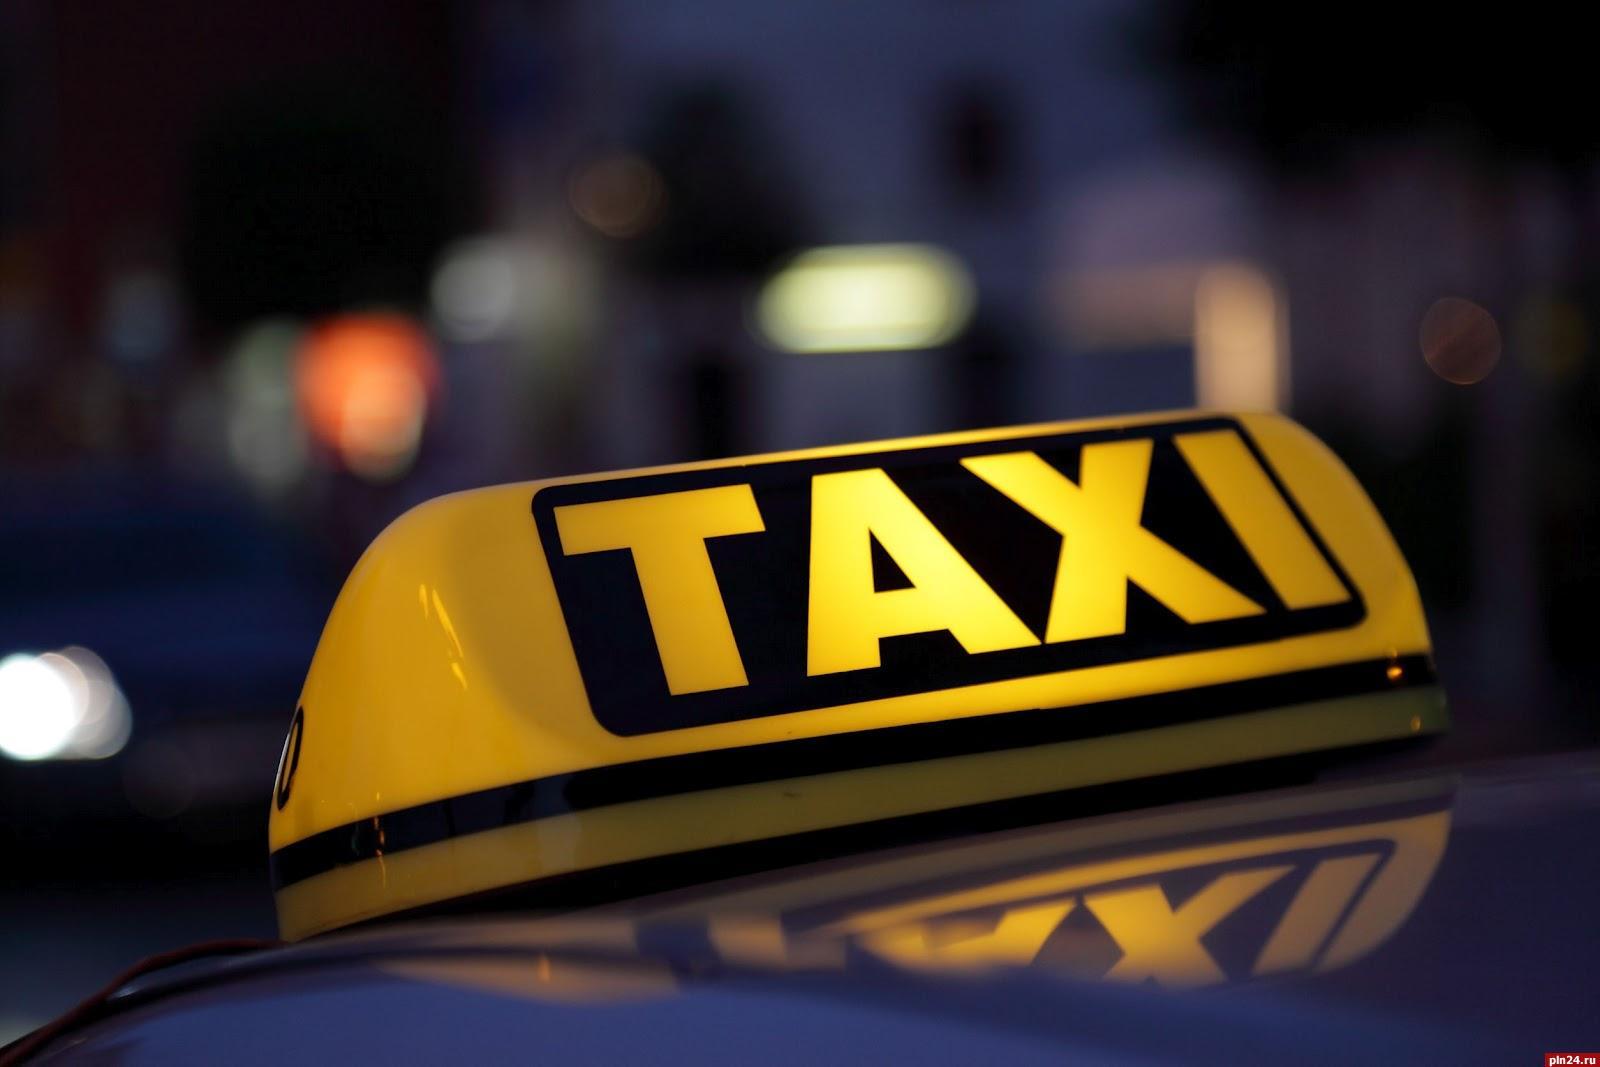 Таксист из Харькова попал в ужасную ночную переделку (фото)